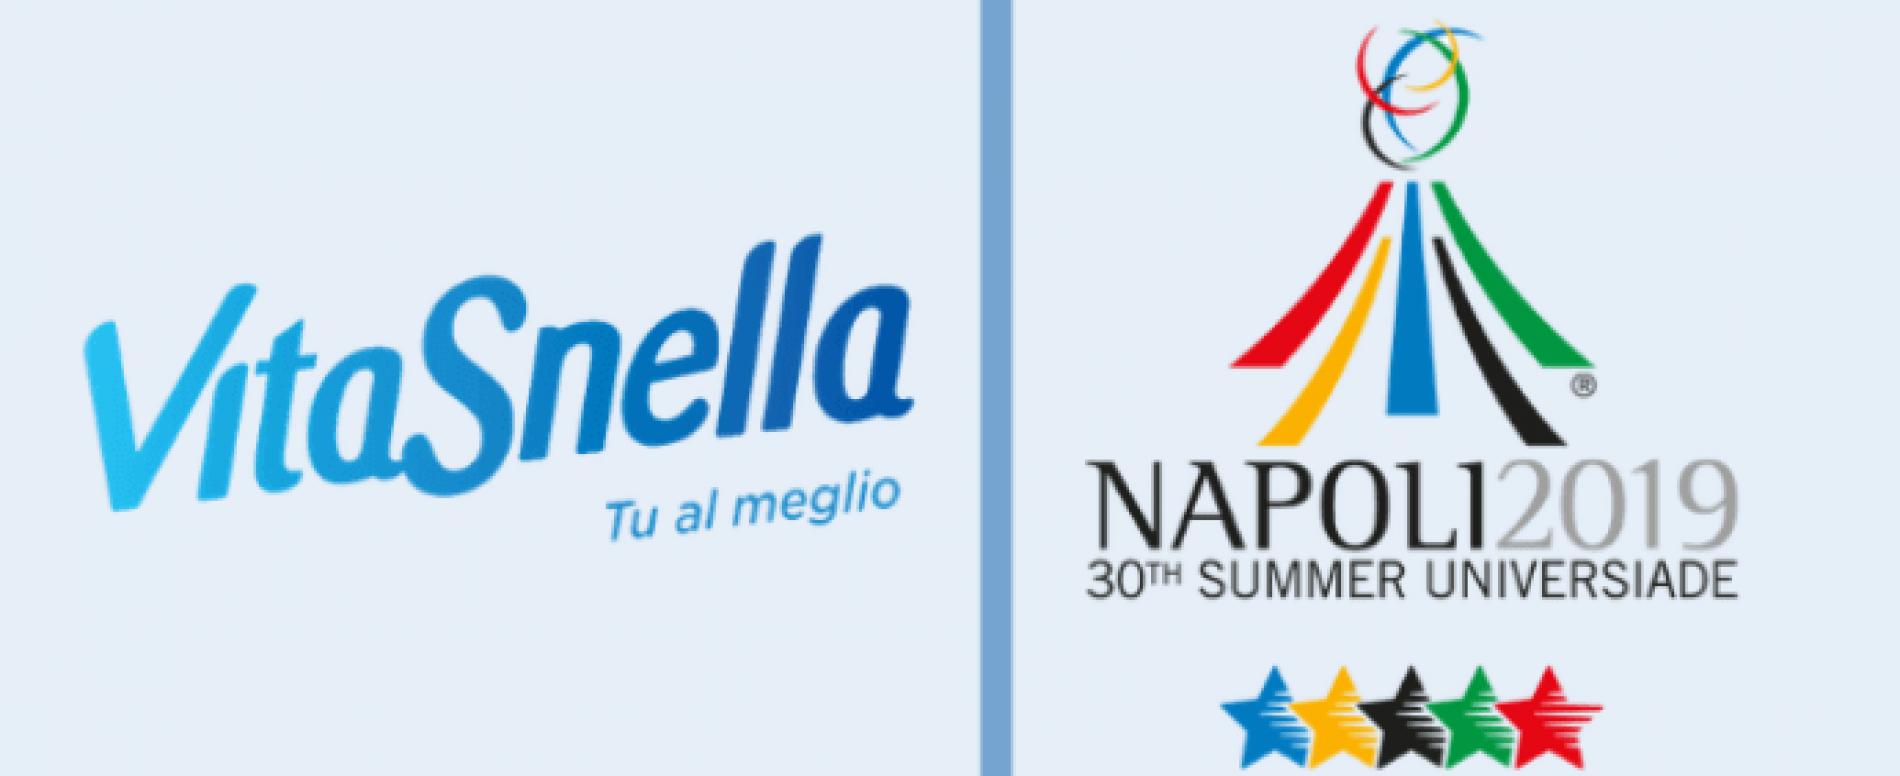 Acqua Vitasnella è official water di Napoli 2019 Summer Universiade